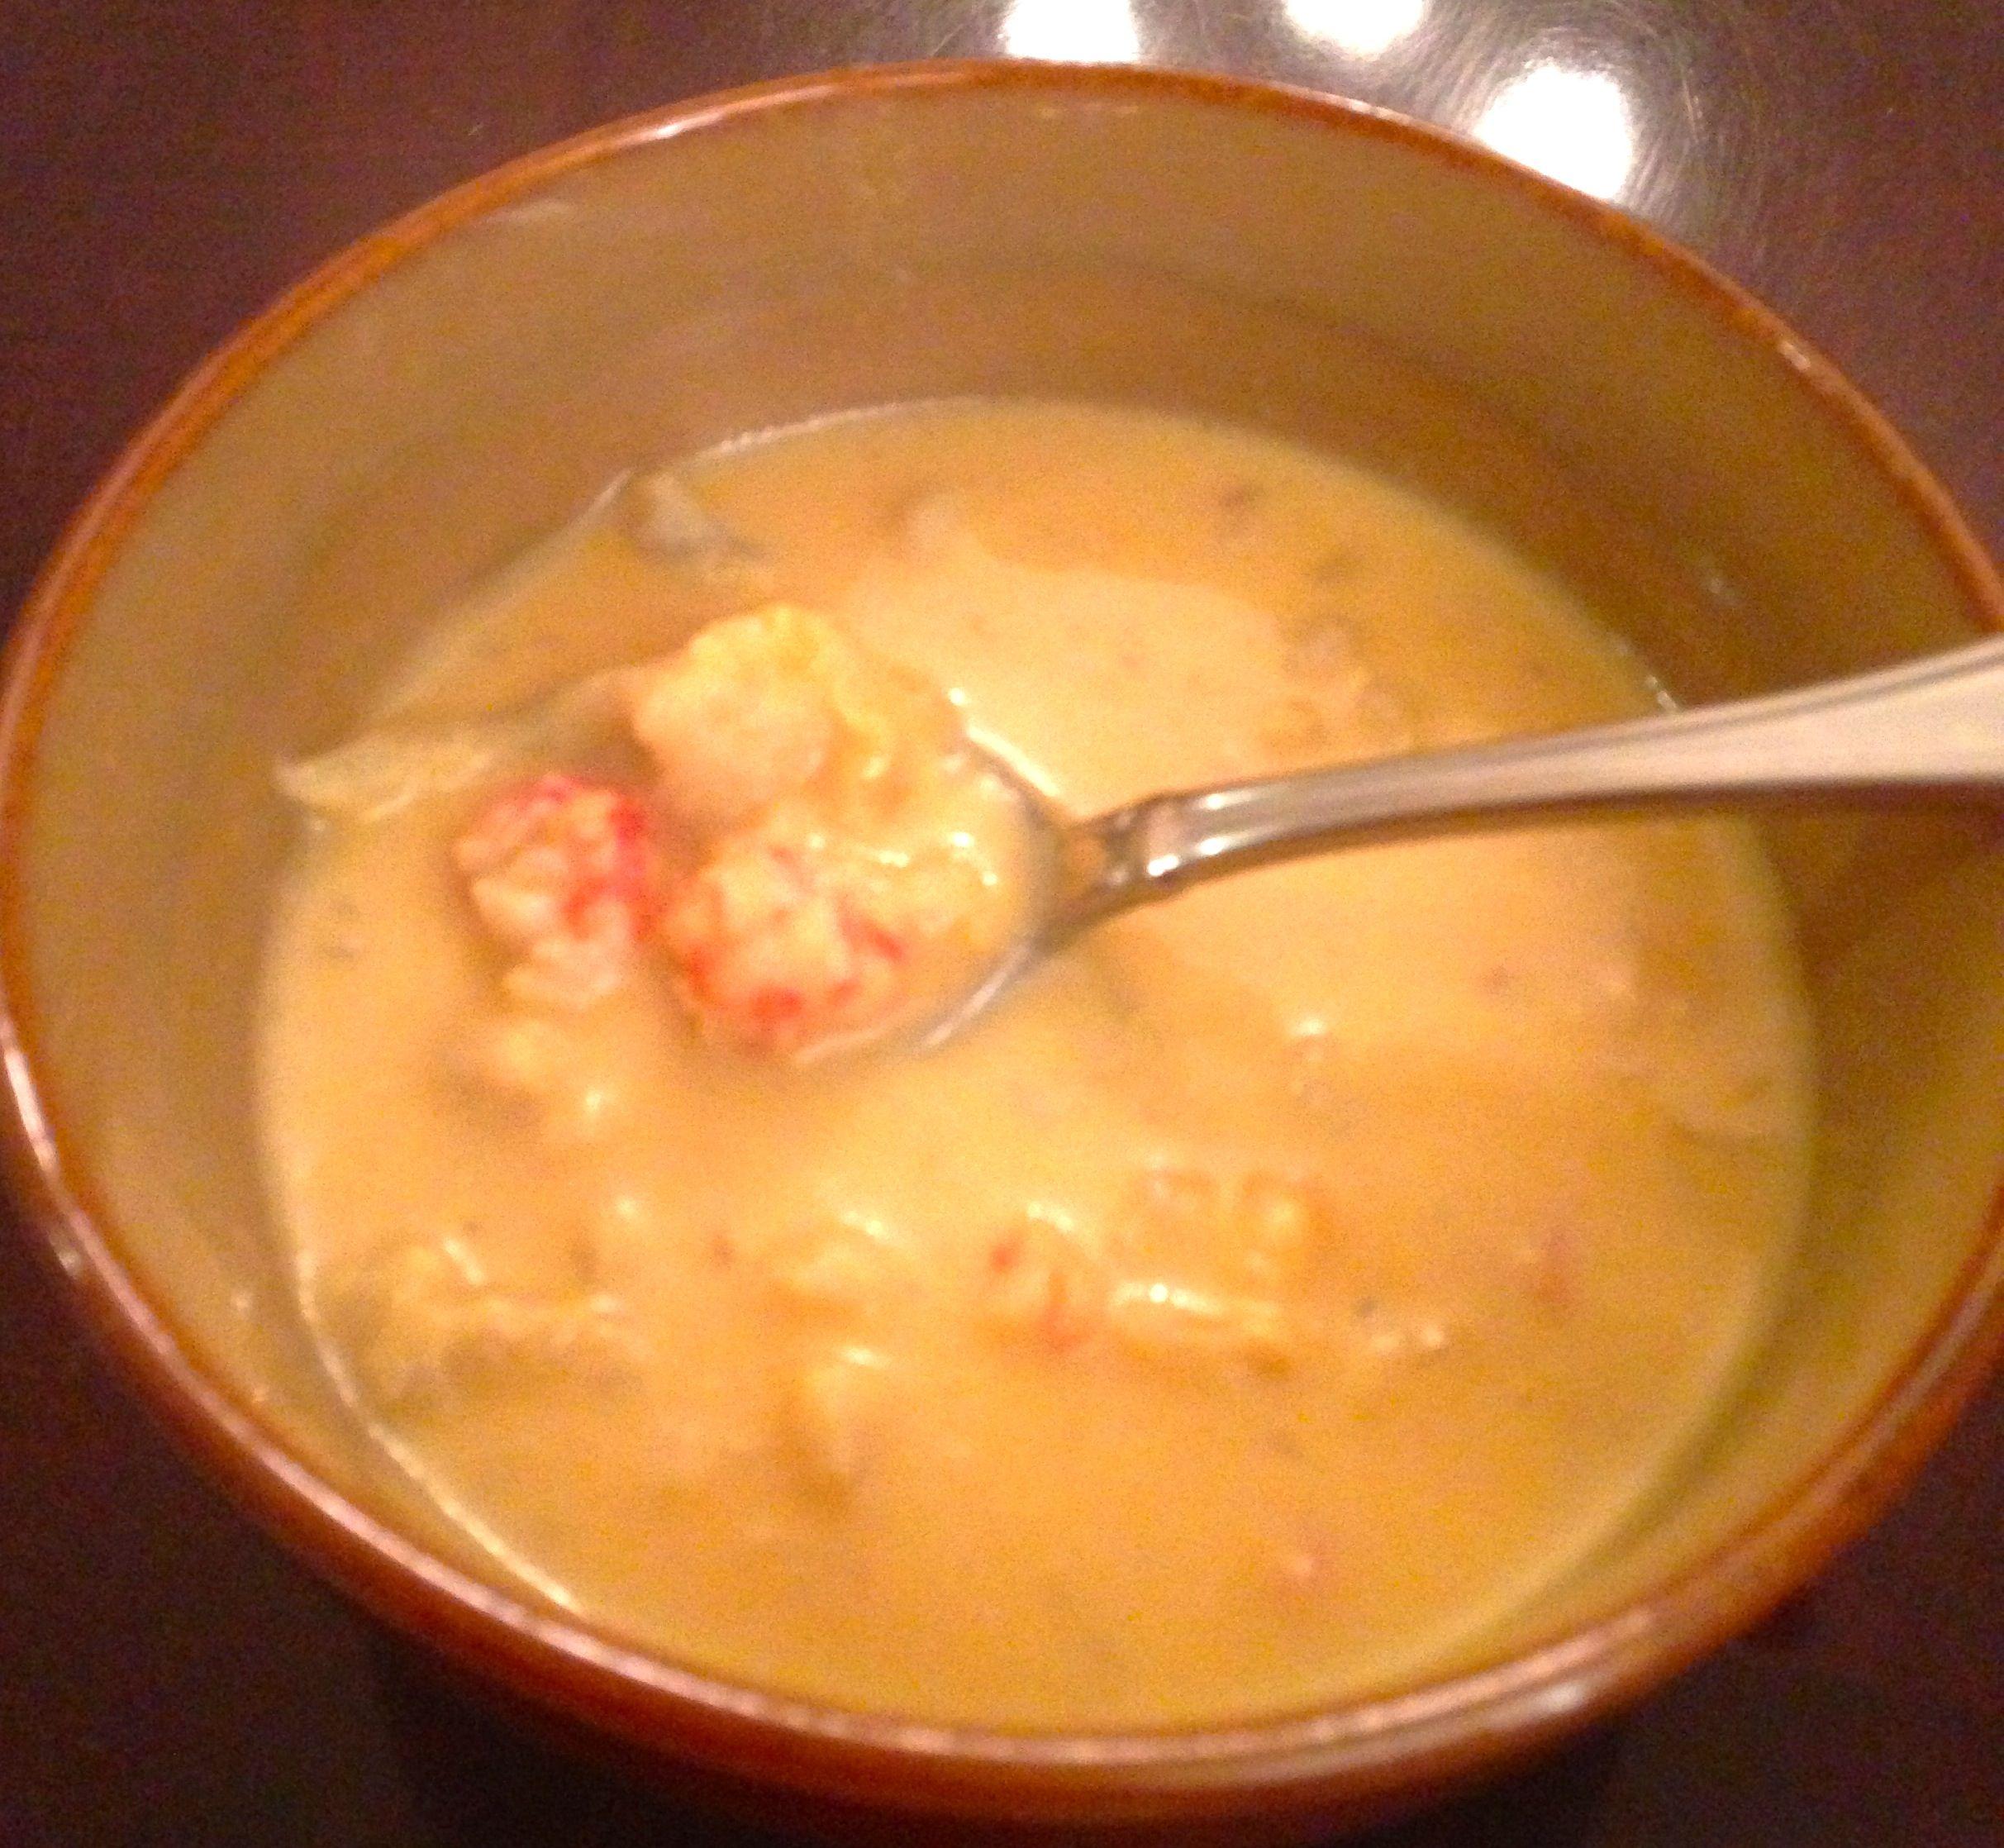 PostOp Full liquids Creamy Shrimp Bisque Pureed food